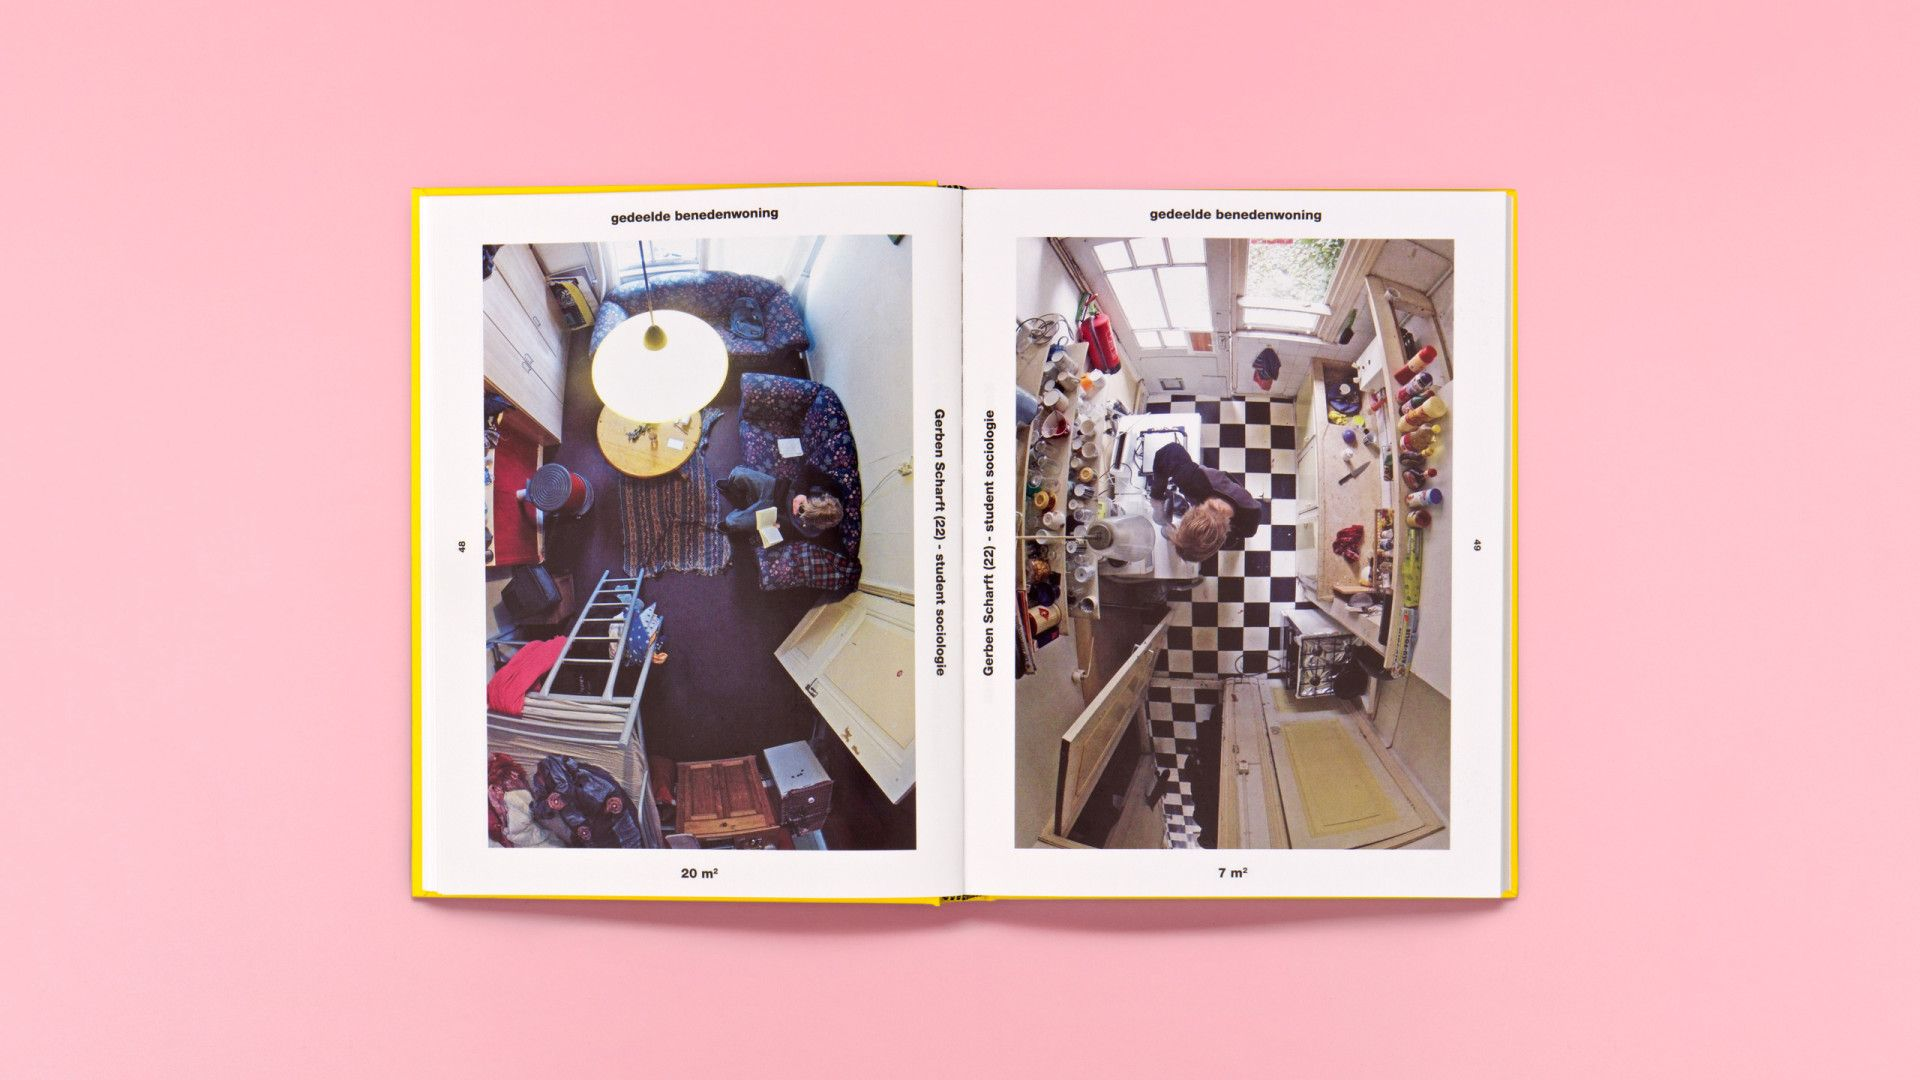 Ontwerp architectuur boek - studio de Ronners - Rotterdam / Groningen Grafisch Ontwerpers Vormgevers